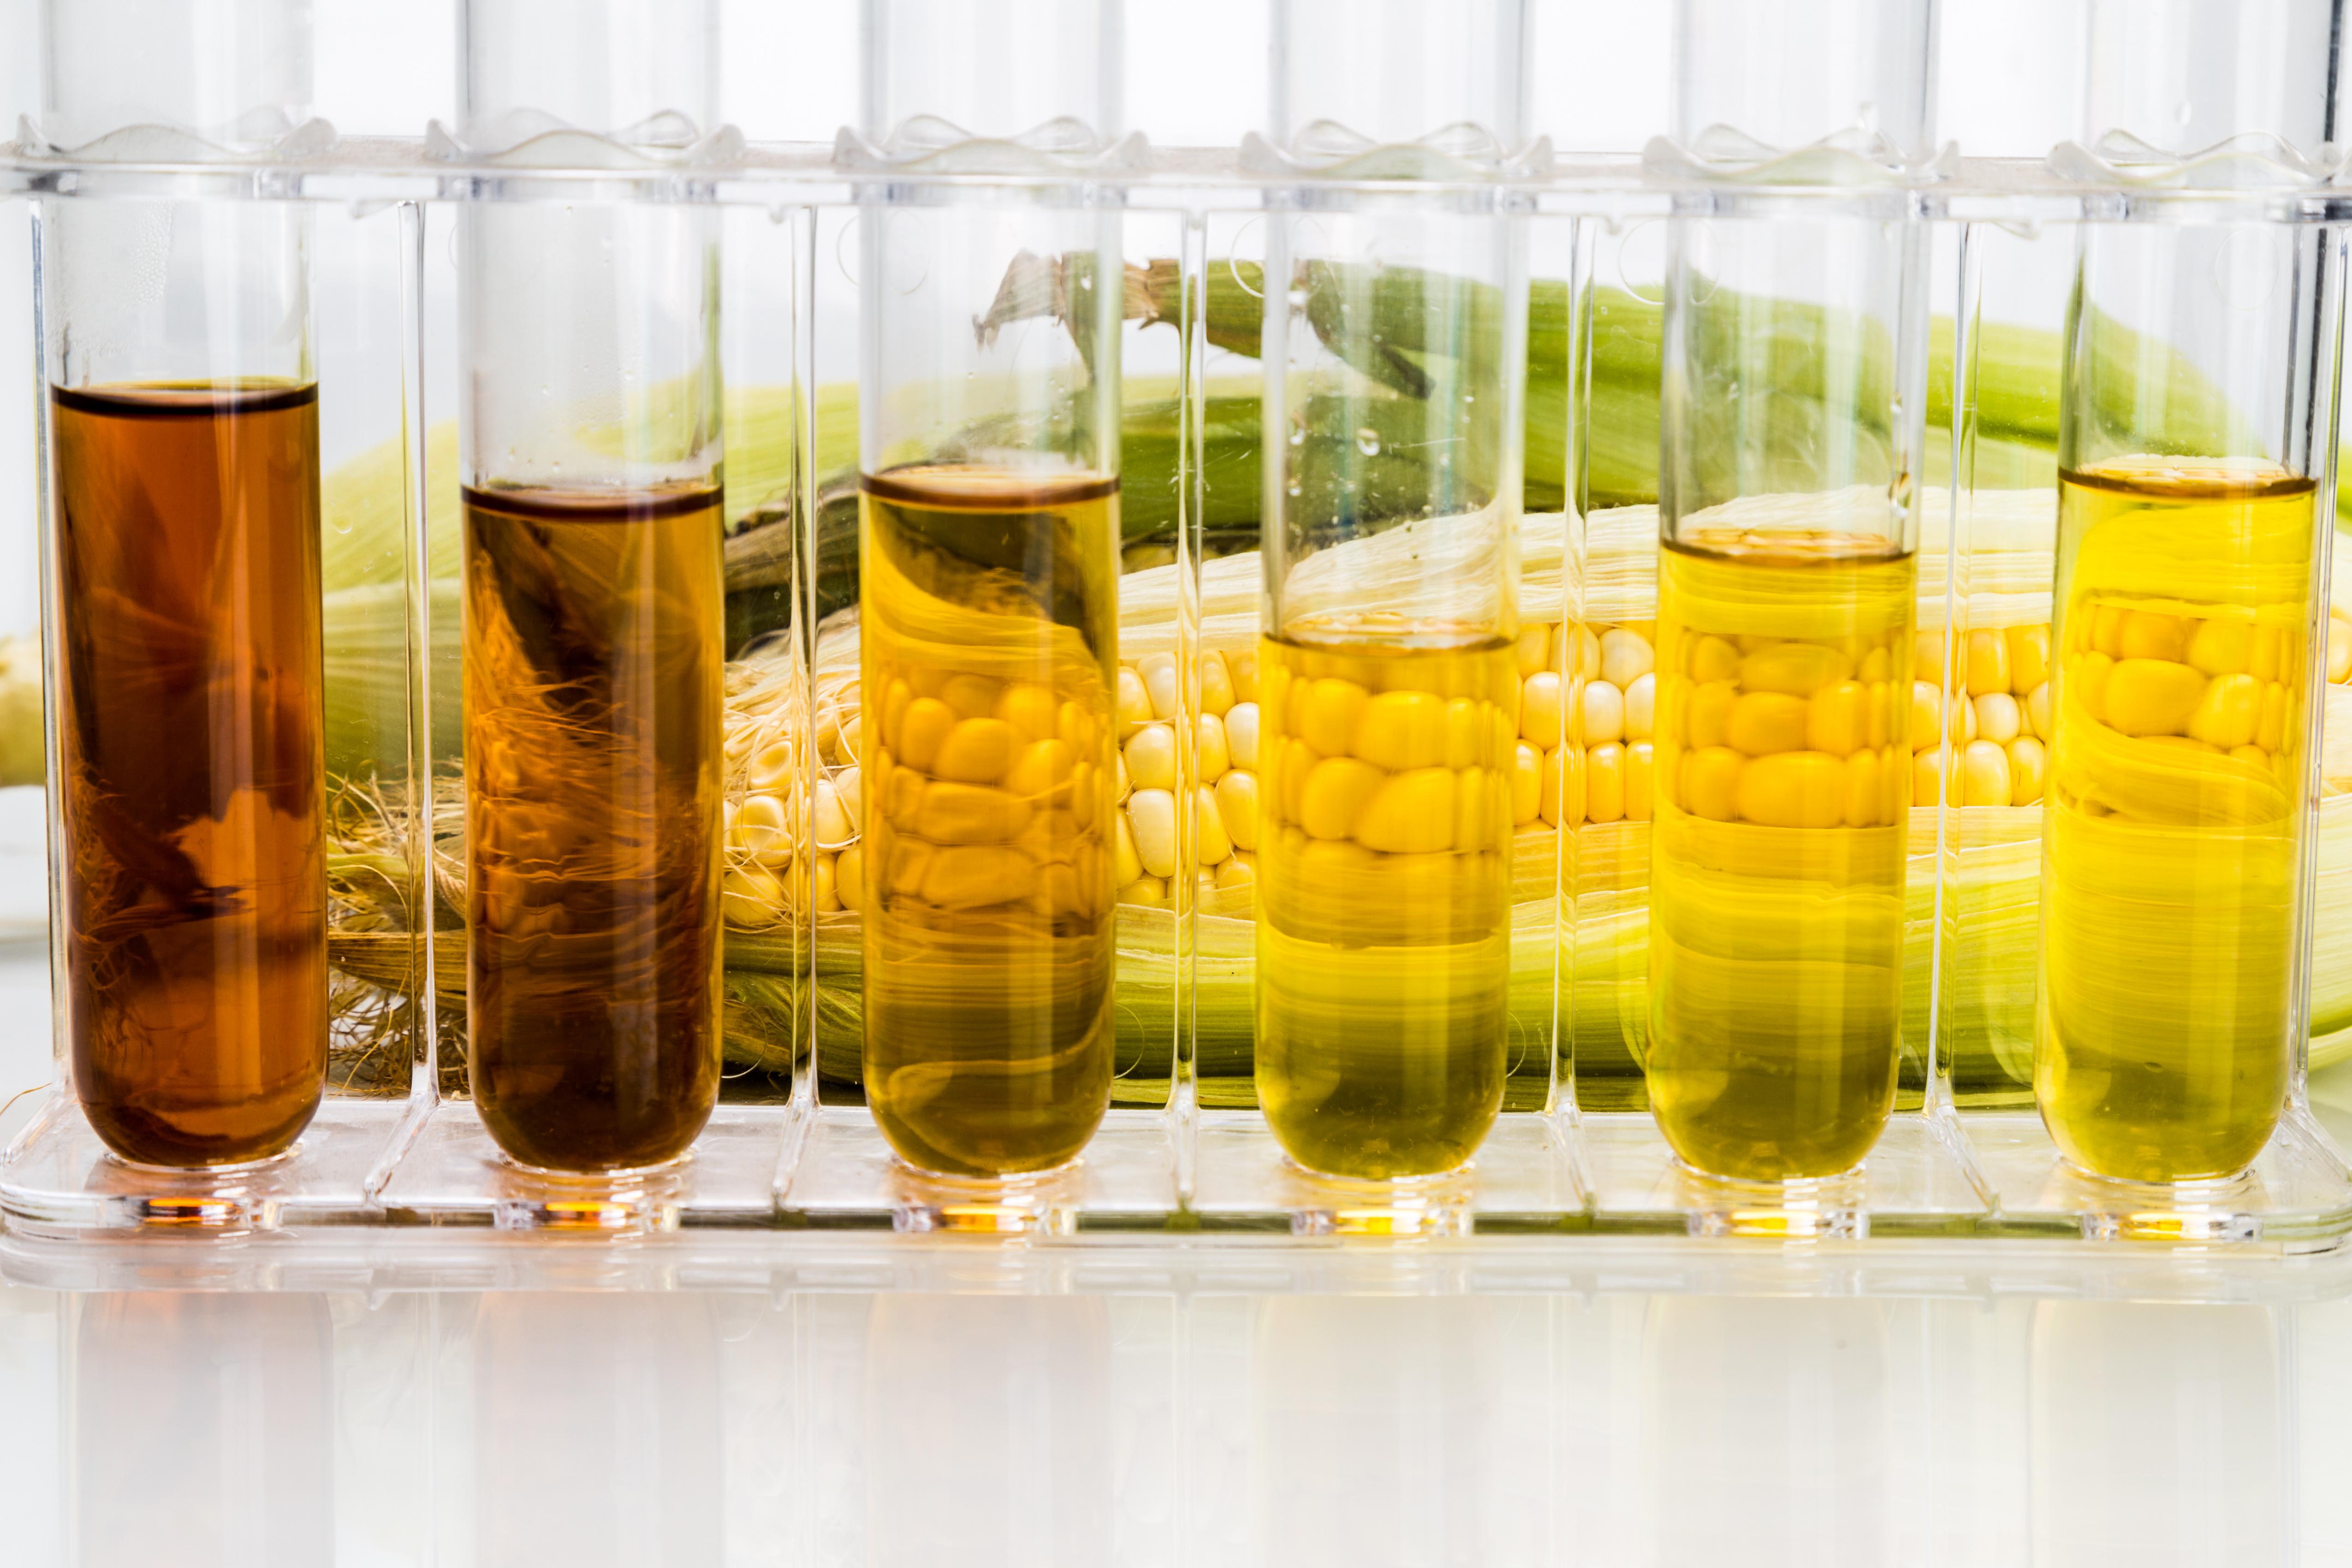 Des apports élevés de fructose peuvent empêcher le bon fonctionnement du système immunitaire (Visuel Adobe Stock 92904091).